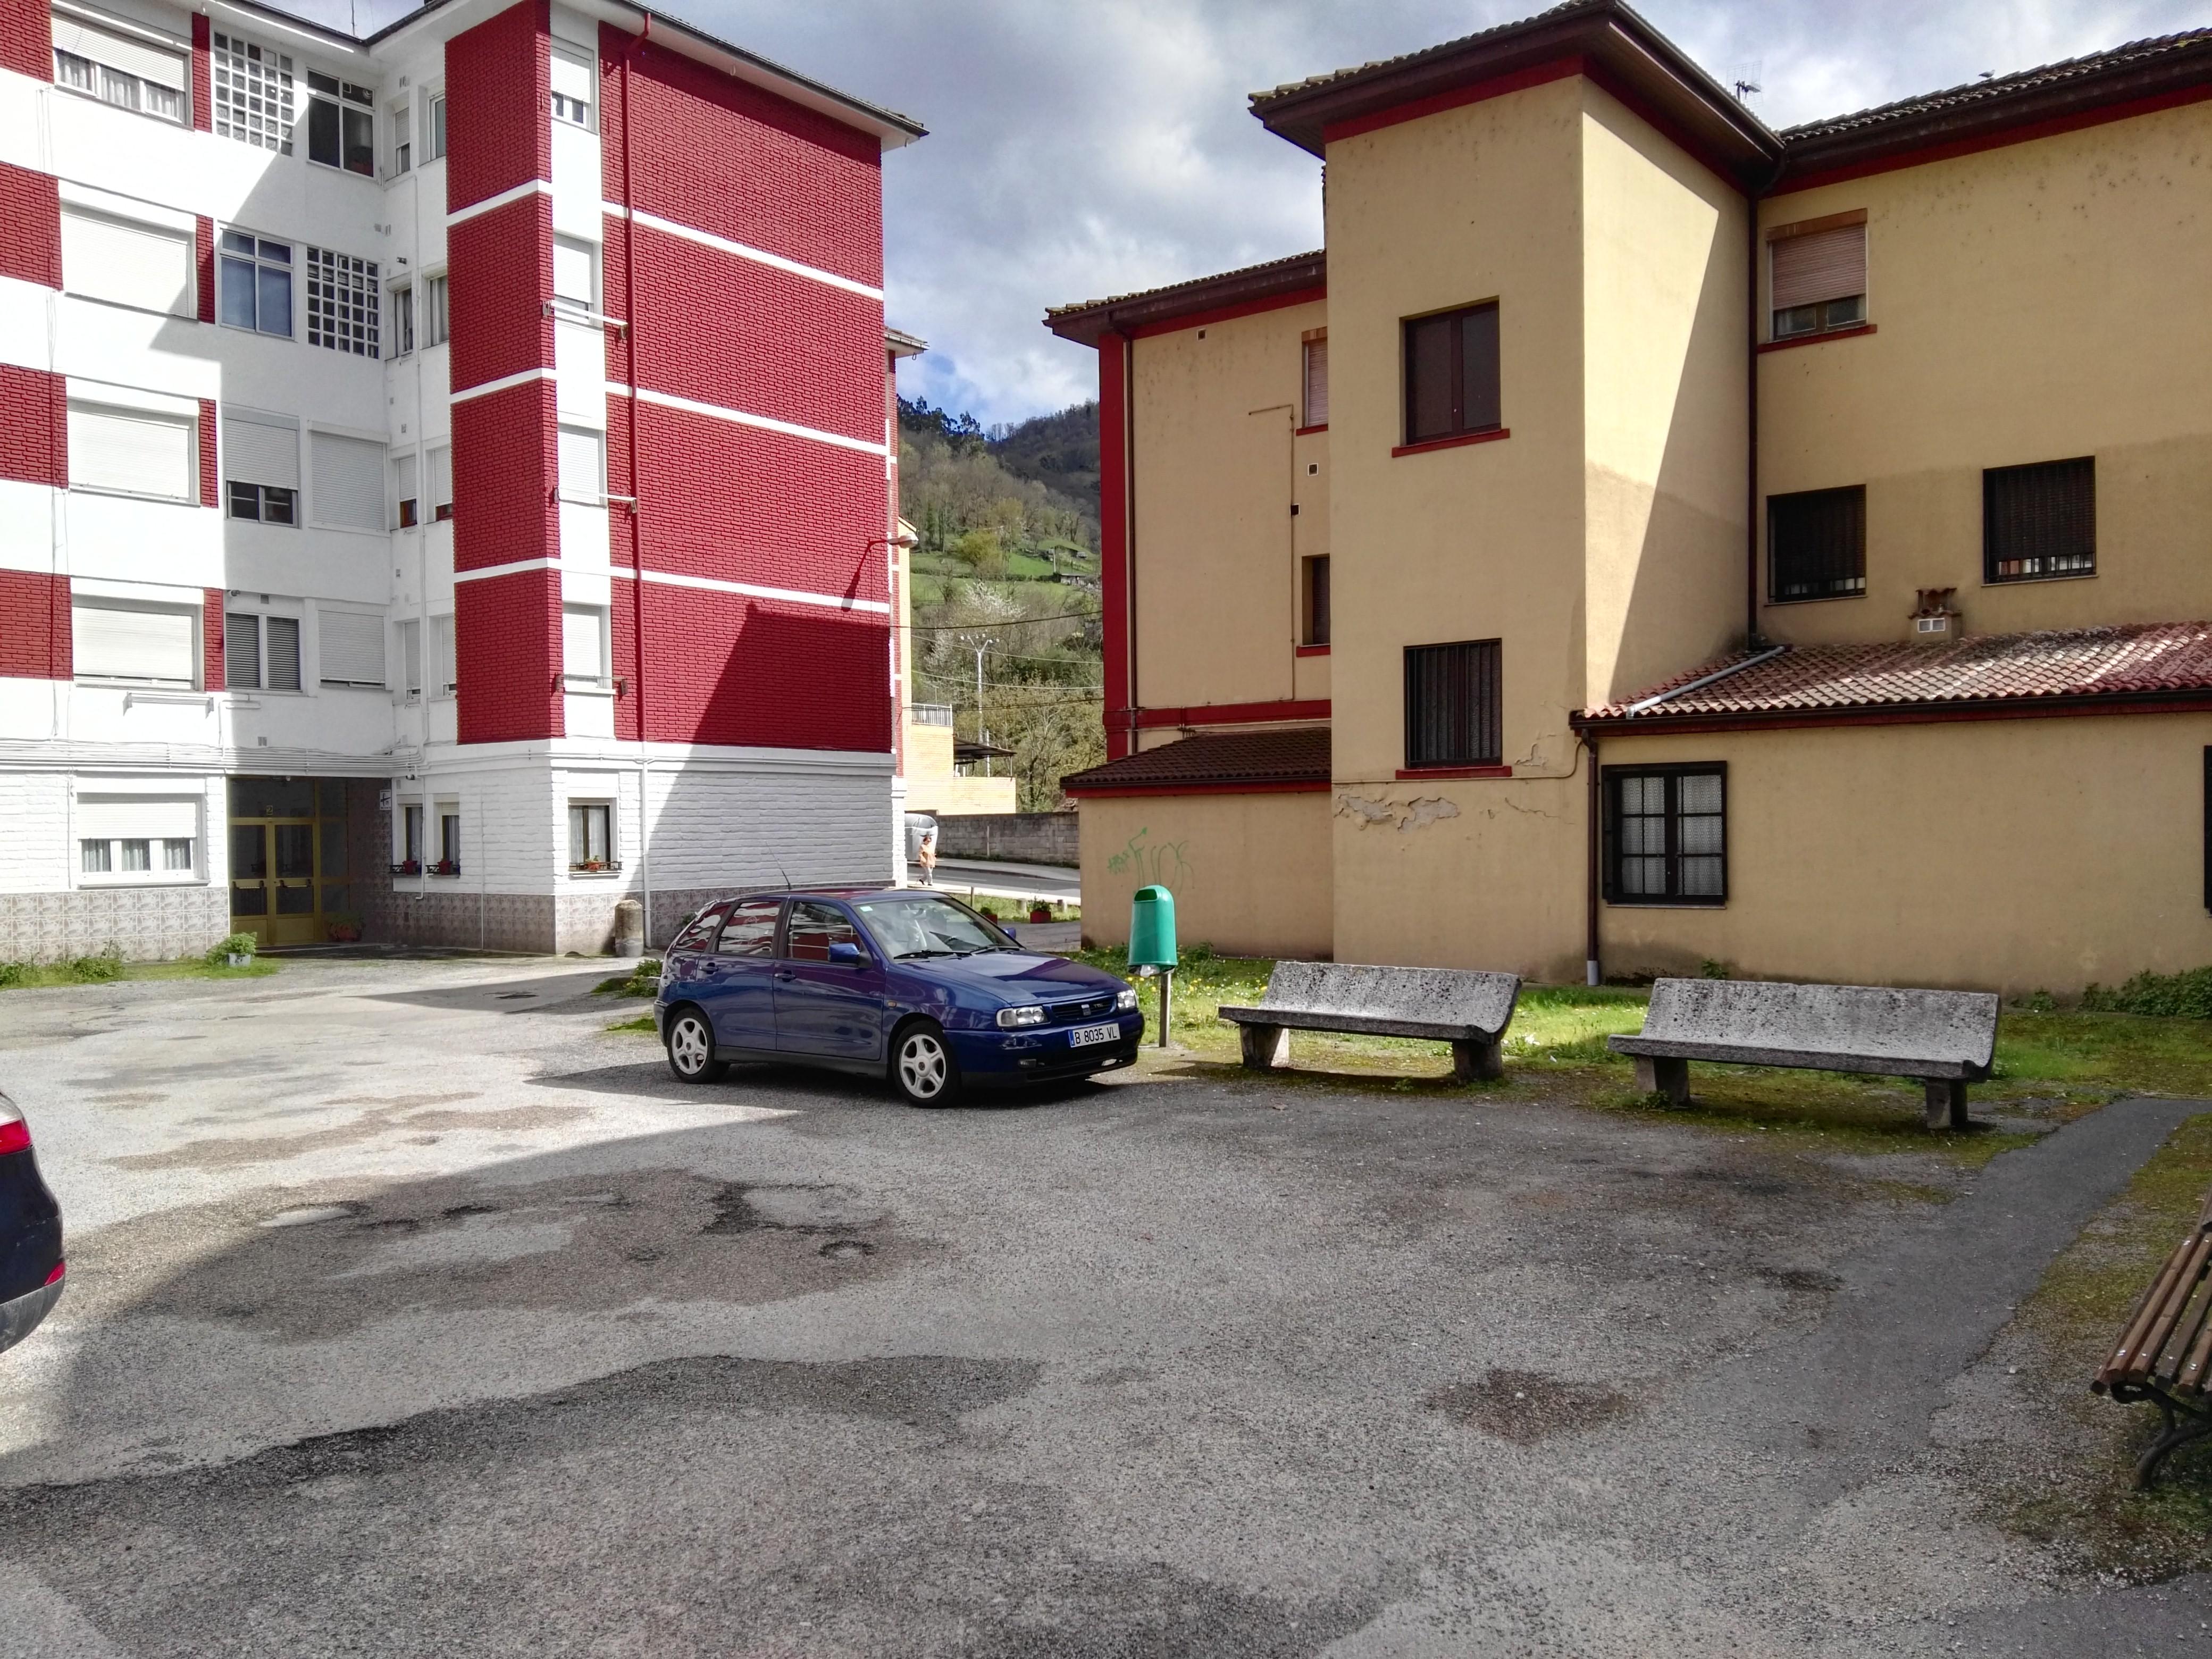 Piso en venta en Mieres, Asturias, Calle San Jose, 30.000 €, 2 habitaciones, 1 baño, 76 m2